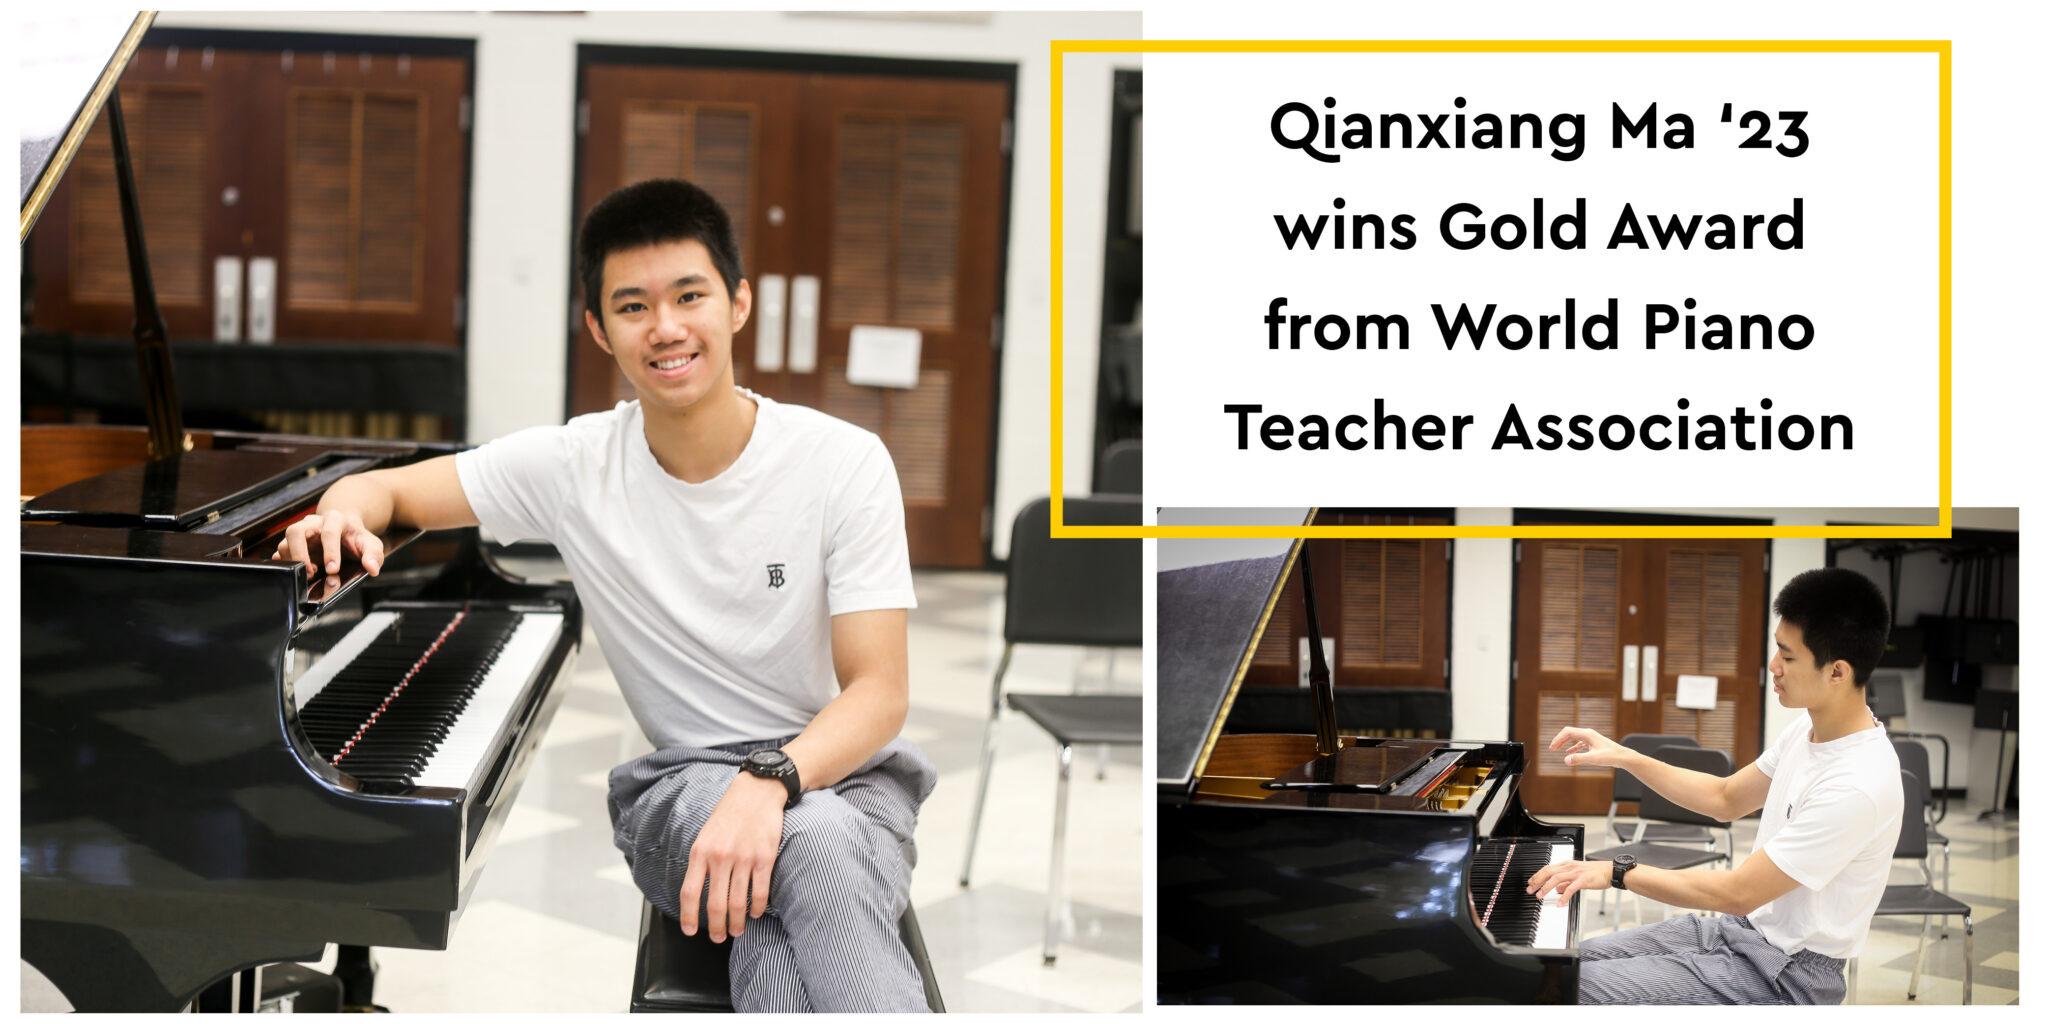 Daniel Qianxiang Ma with piano and award